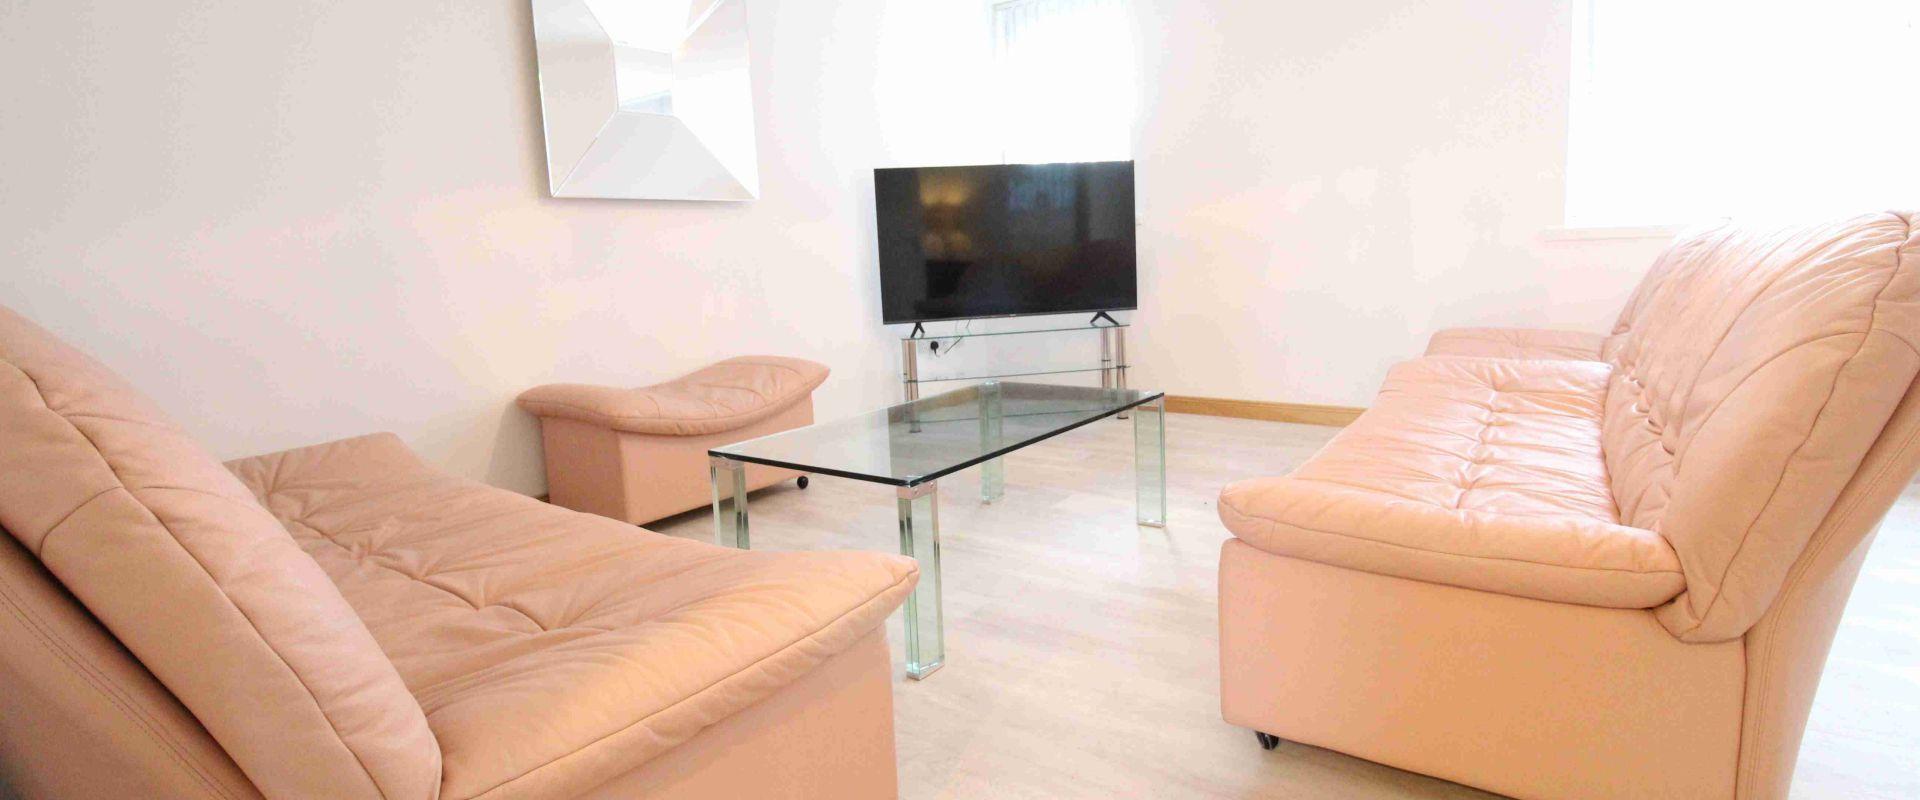 ARD-Properties-Development-Sites-Buy-Homes-Rent-Aberdeenshire-Rentals-Apartment-B-Loanhead-Terrace-Aberdeen-Banner (6)